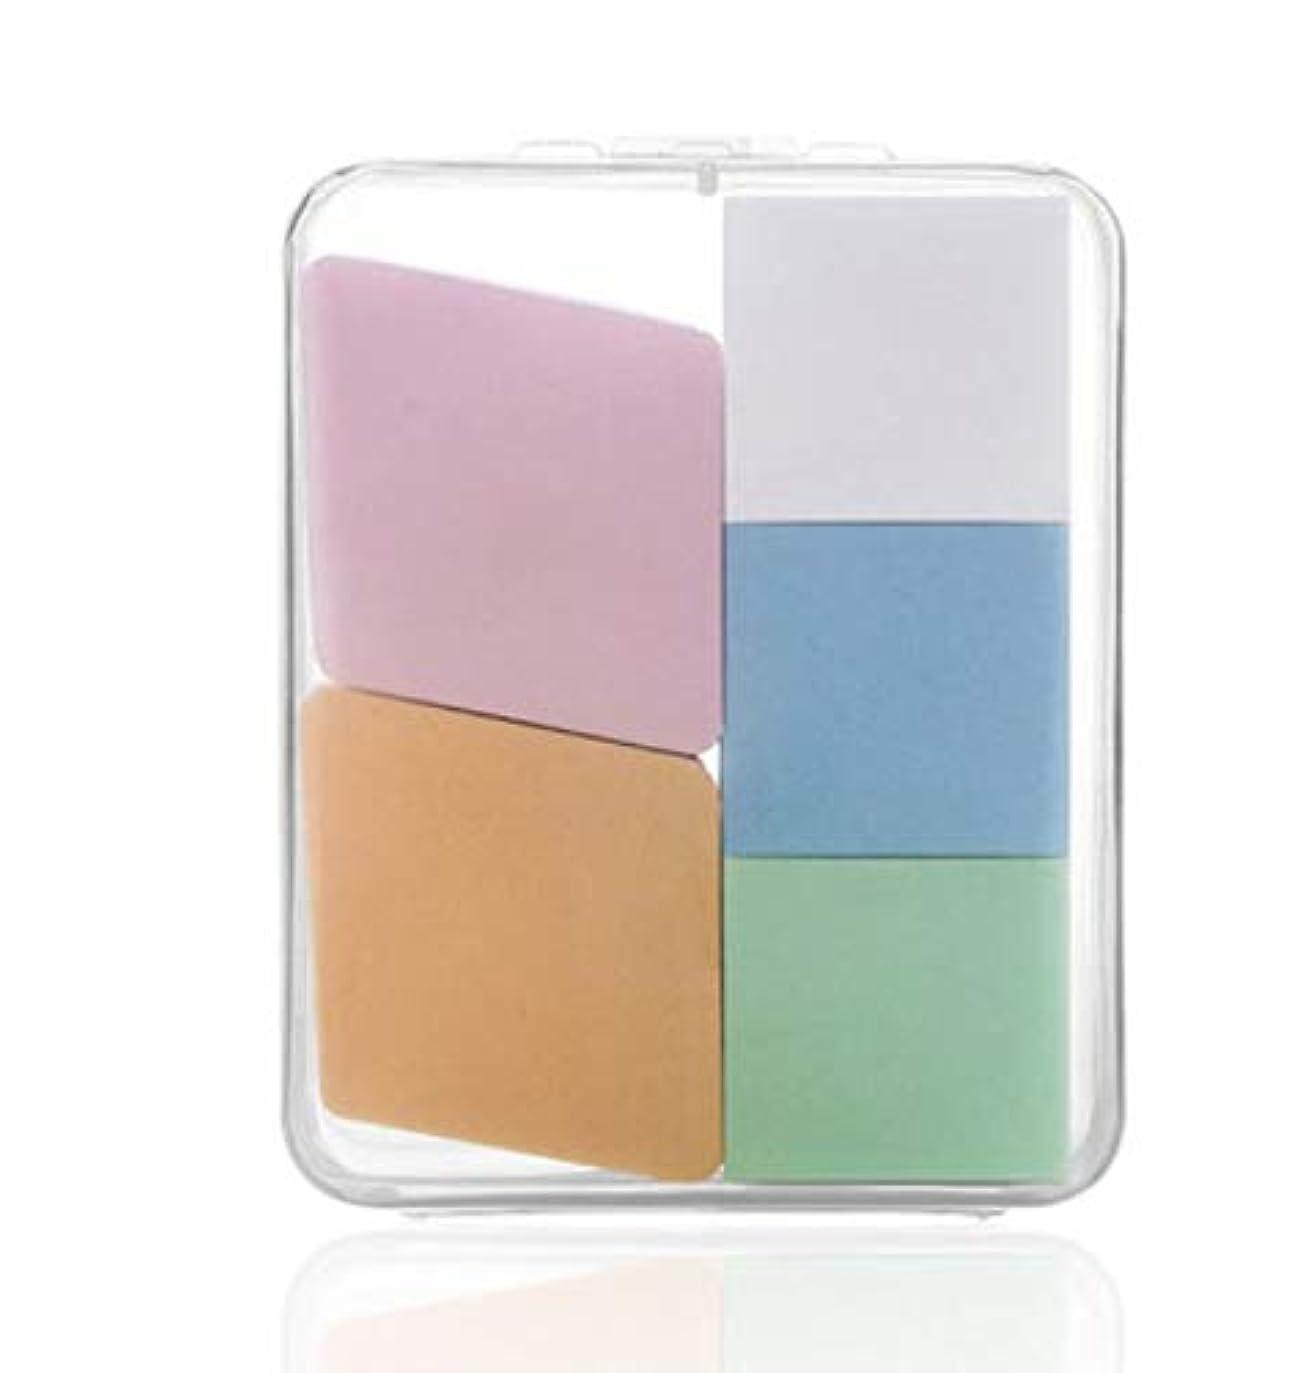 ごみ暖かさステートメント美容スポンジ、収納ボックス付きソフト化粧スポンジ美容メイク卵5パック